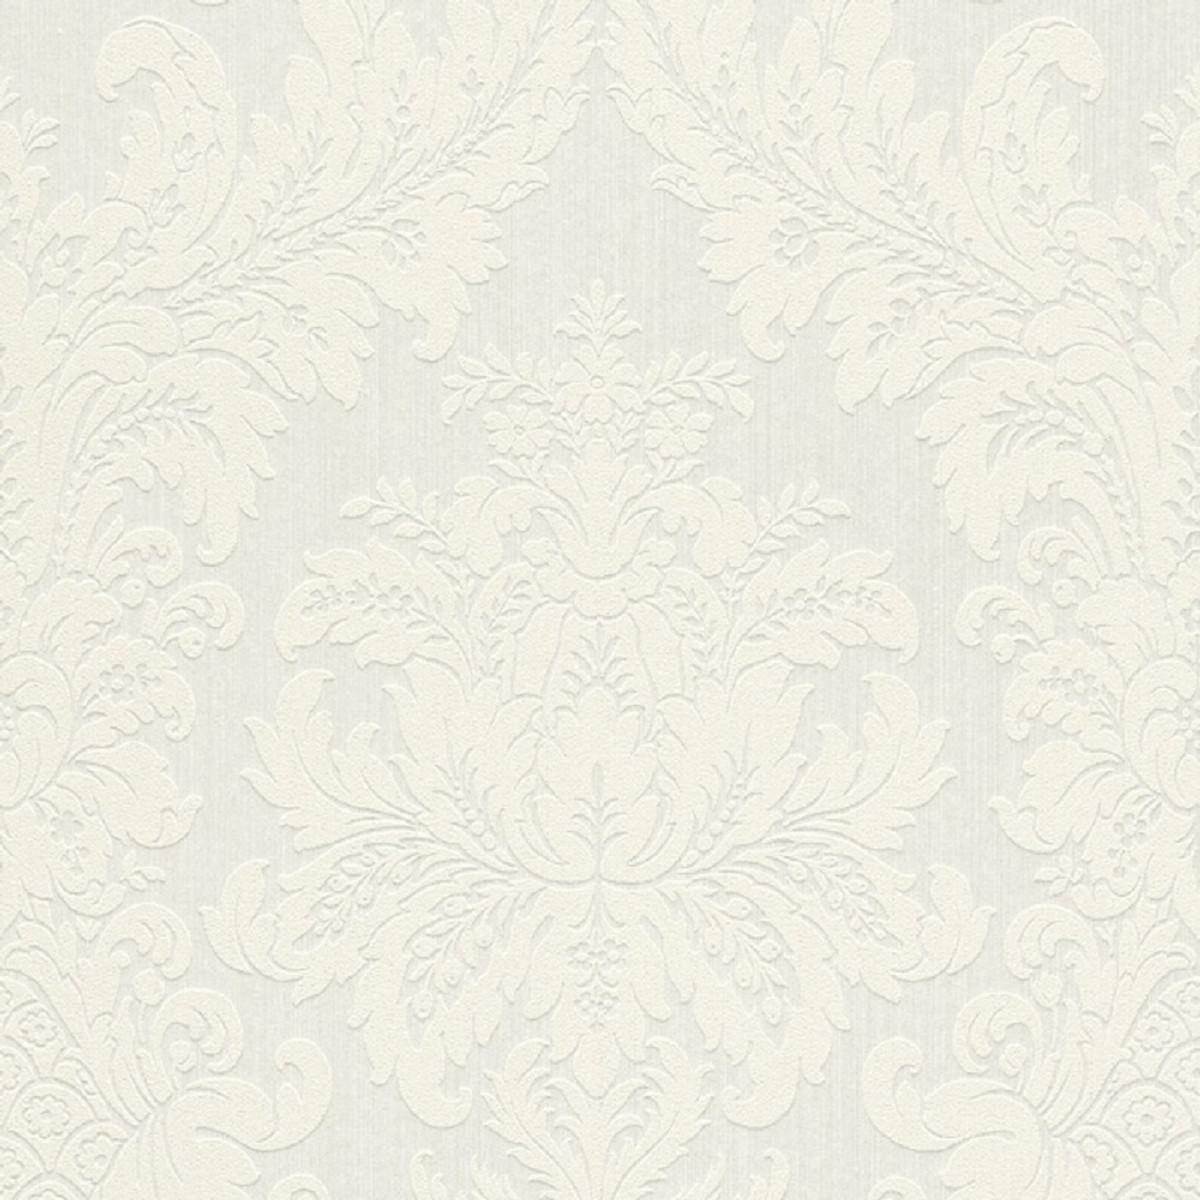 Honeyhouse carta da parati in tessuto non tessuto di lusso 3d, damascato mbossato carta da parati per soggiorno camera da letto pareti 0,53 m* 9,5 m=5,035. Casa Padrino Carta Da Parati Tessile Barocco Bianco 10 05 X 0 53 M Carta Da Parati Di Lusso Per Soggiorno Casa Padrino De